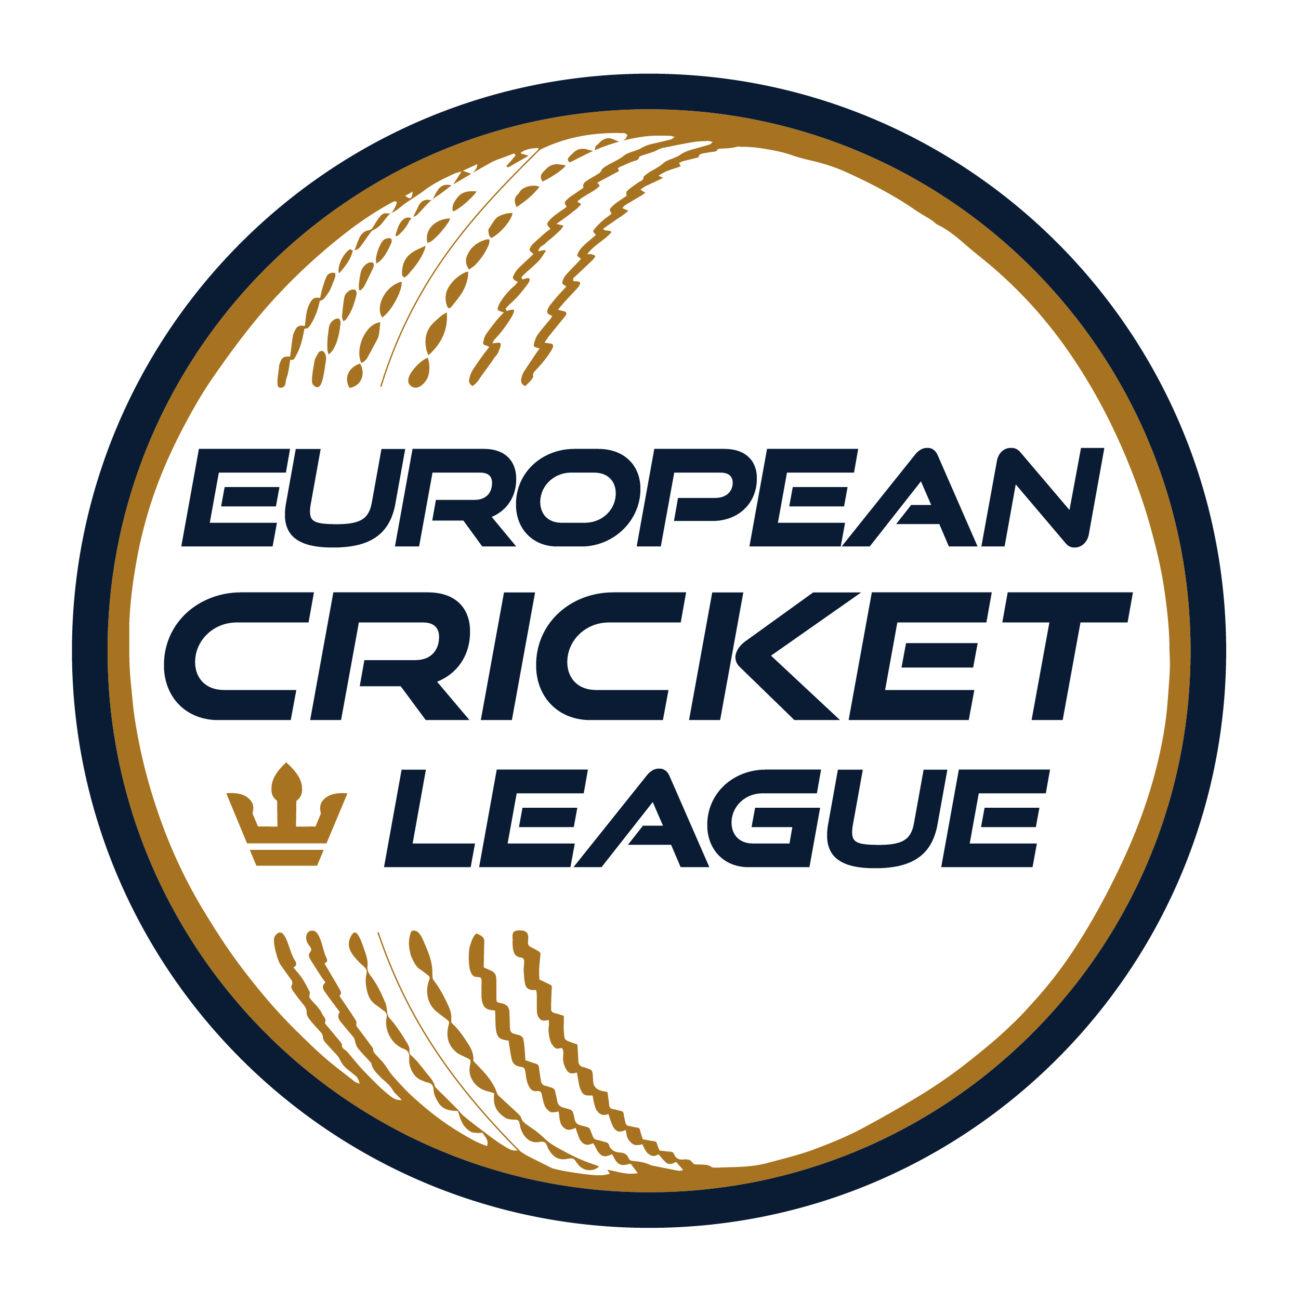 Ευρωπαϊκό Πρωτάθλημα Κρίκετ | Ελληνική Ομοσπονδία Κρίκετ